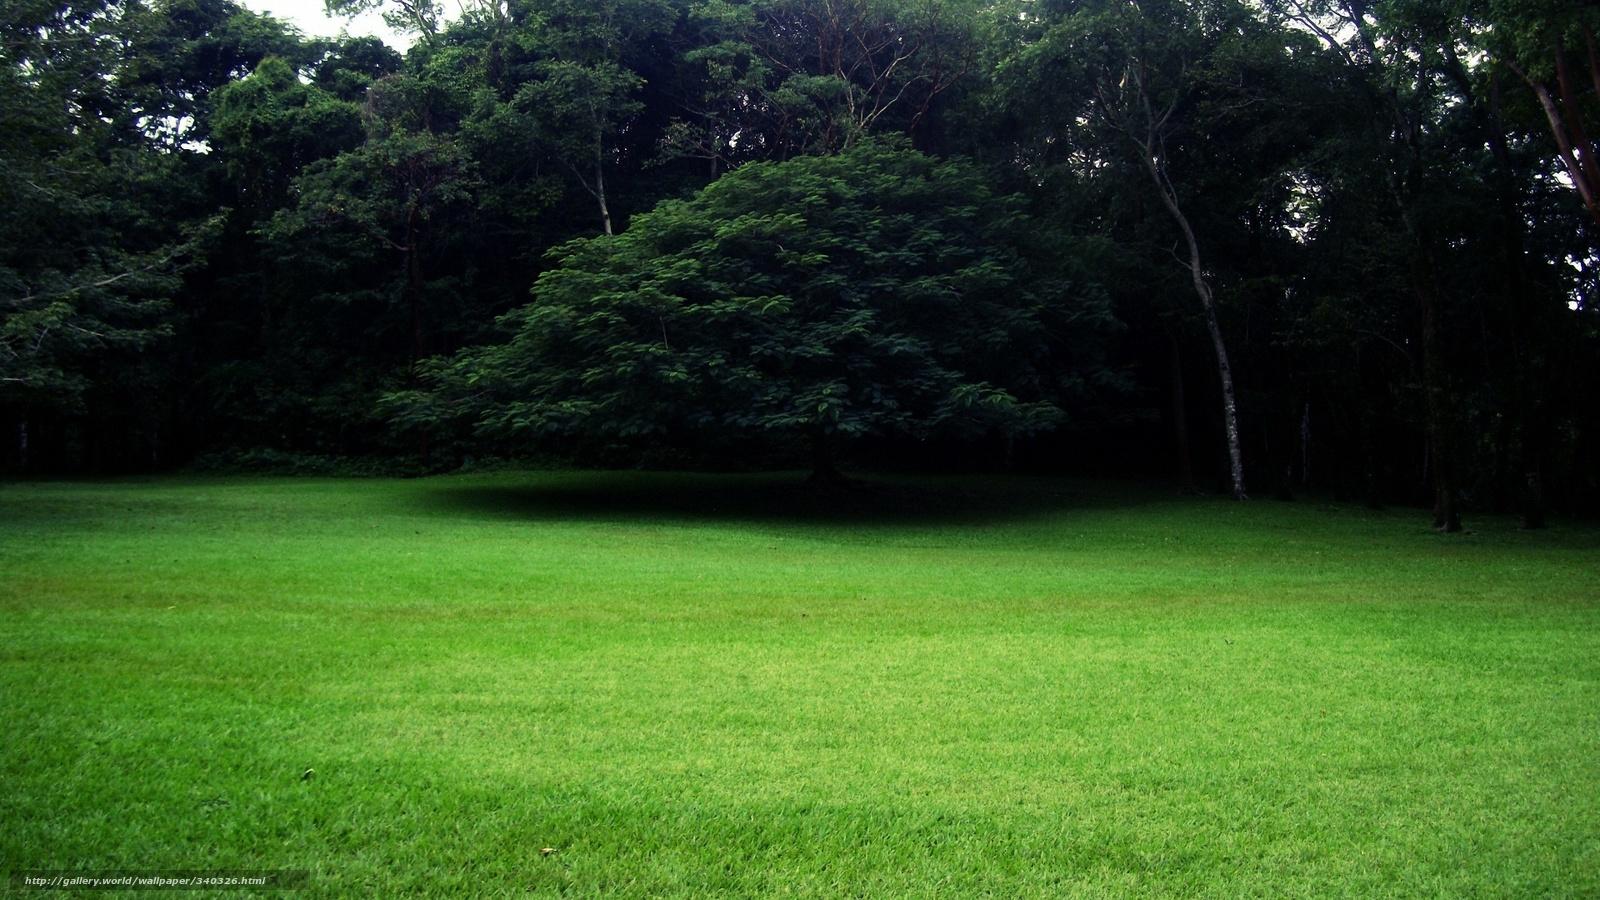 Tlcharger fond d 39 ecran parc vert pelouse fonds d 39 ecran gratuits pour votre rsolution du bureau - Temps pousse gazon ...